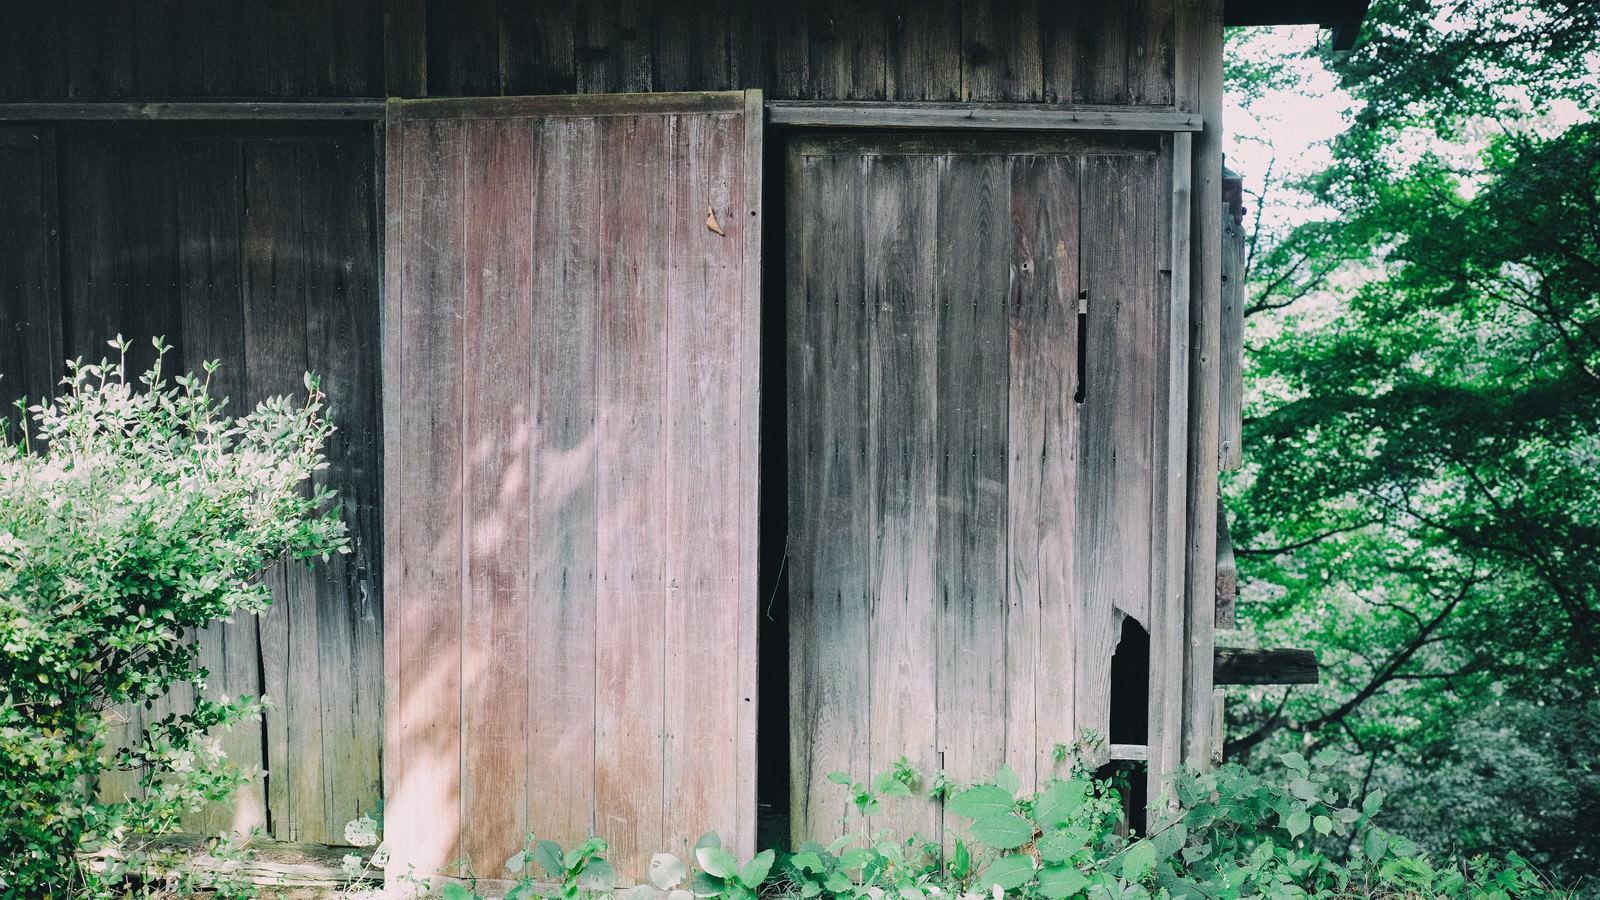 「荒廃した無人の住宅」の写真